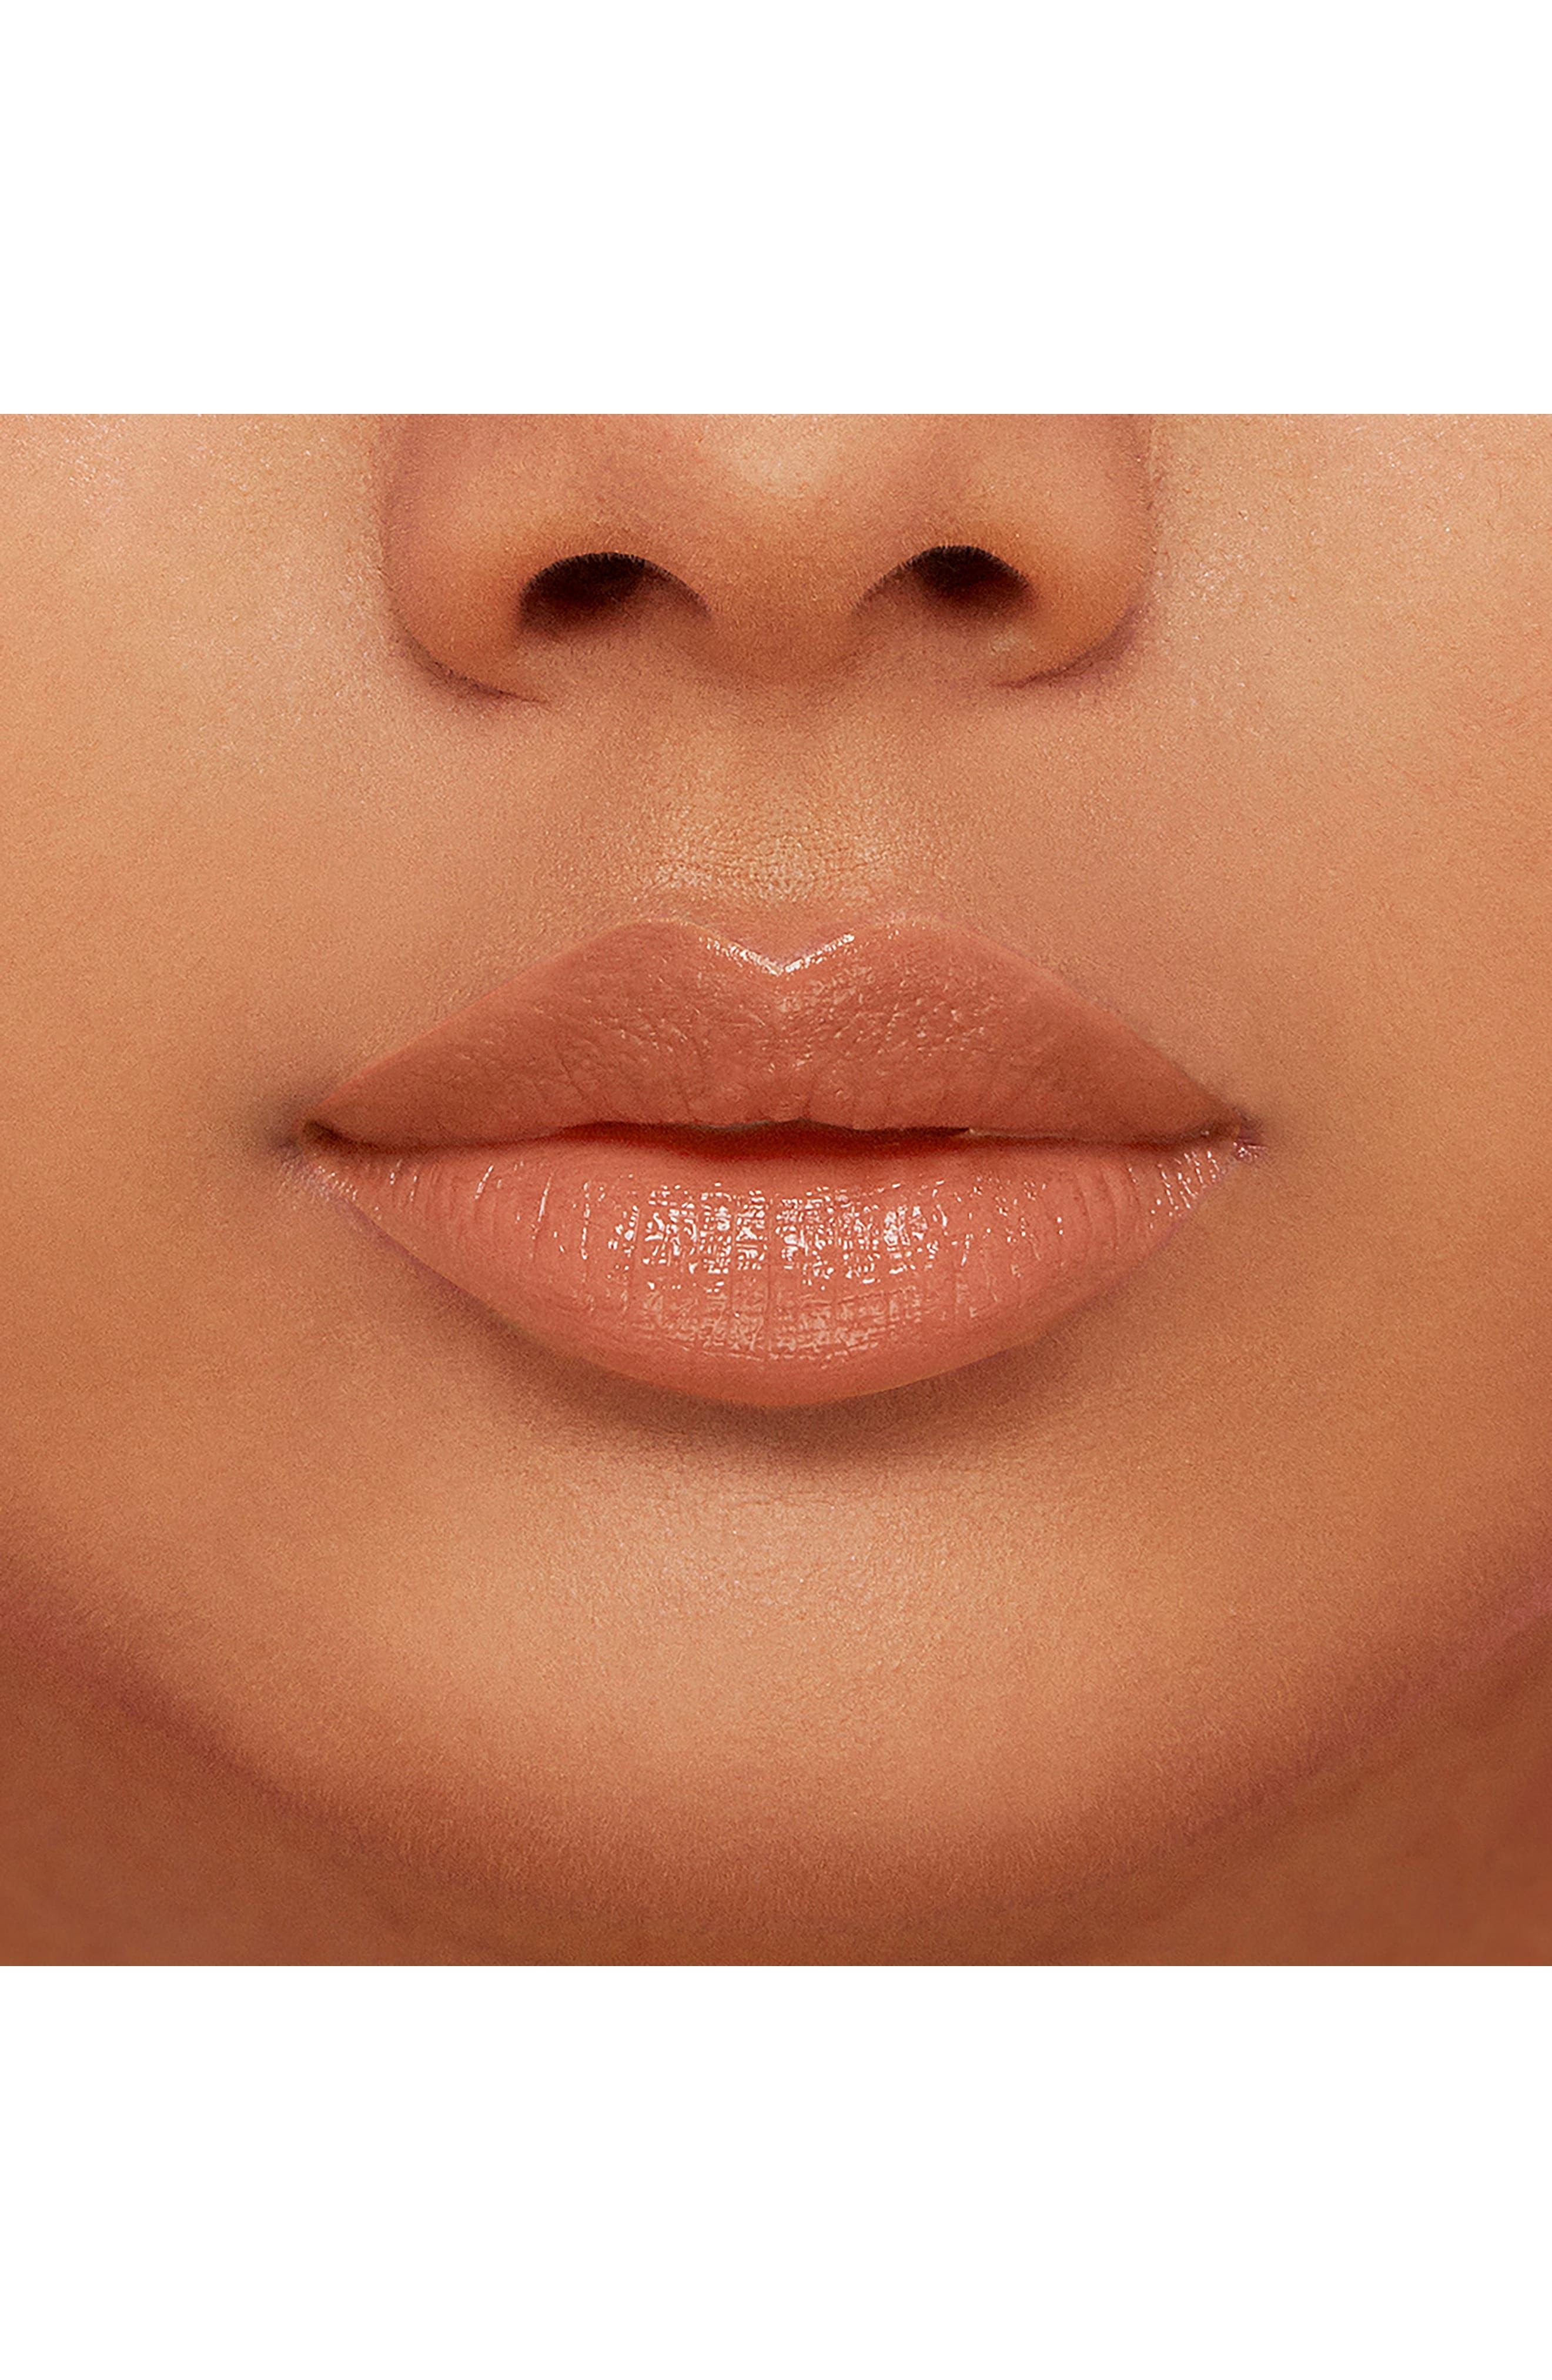 KARL LAGERFELD + MODELCO Kiss Me Karl Lip Lights Lip Gloss,                             Alternate thumbnail 8, color,                             200